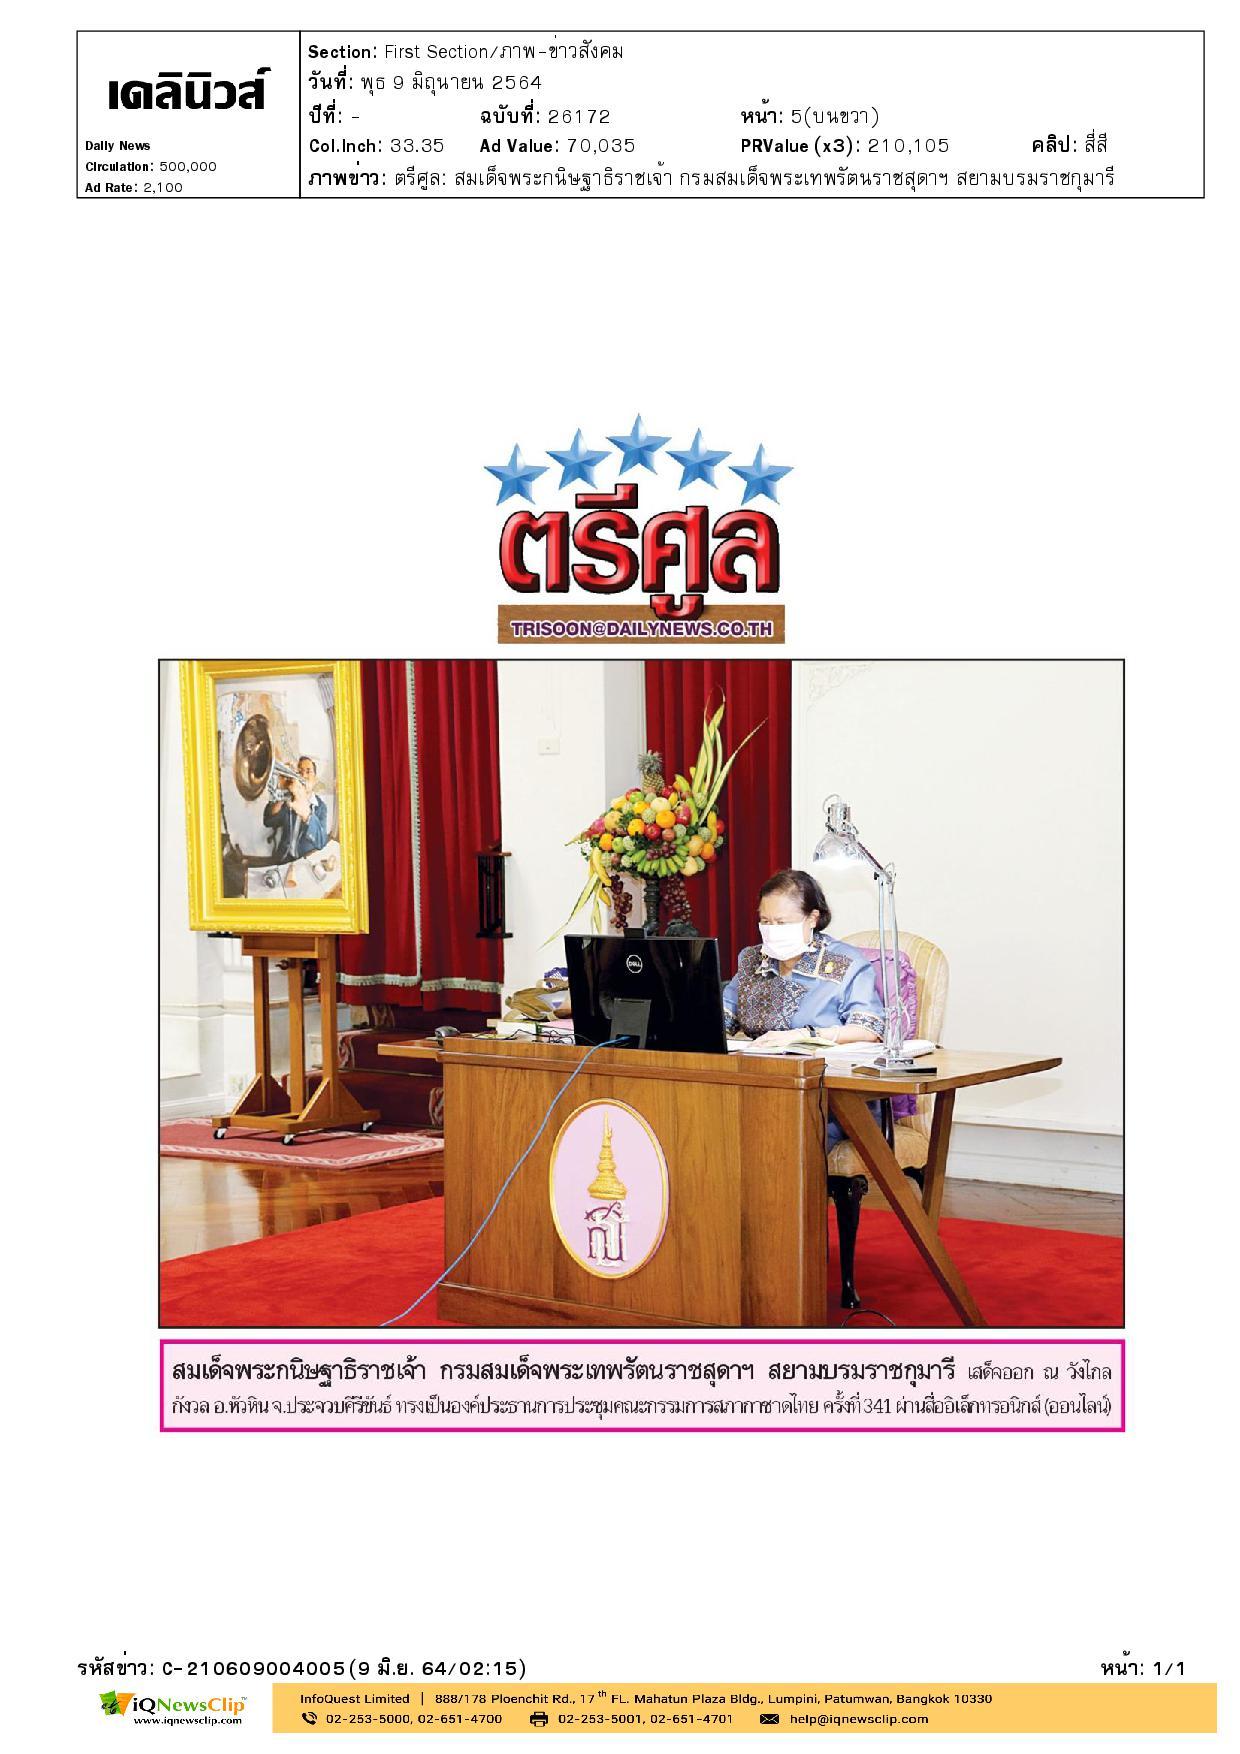 สมเด็จพระกนิษฐาธิราชเจ้า กรมสมเด็จพระเทพรัตนราชสุดาฯ สยามบรมราชกุมารี เป็นองค์ประธานการประชุมคณะกรรมการสภากาชาดไทย ครั้งที่ 341